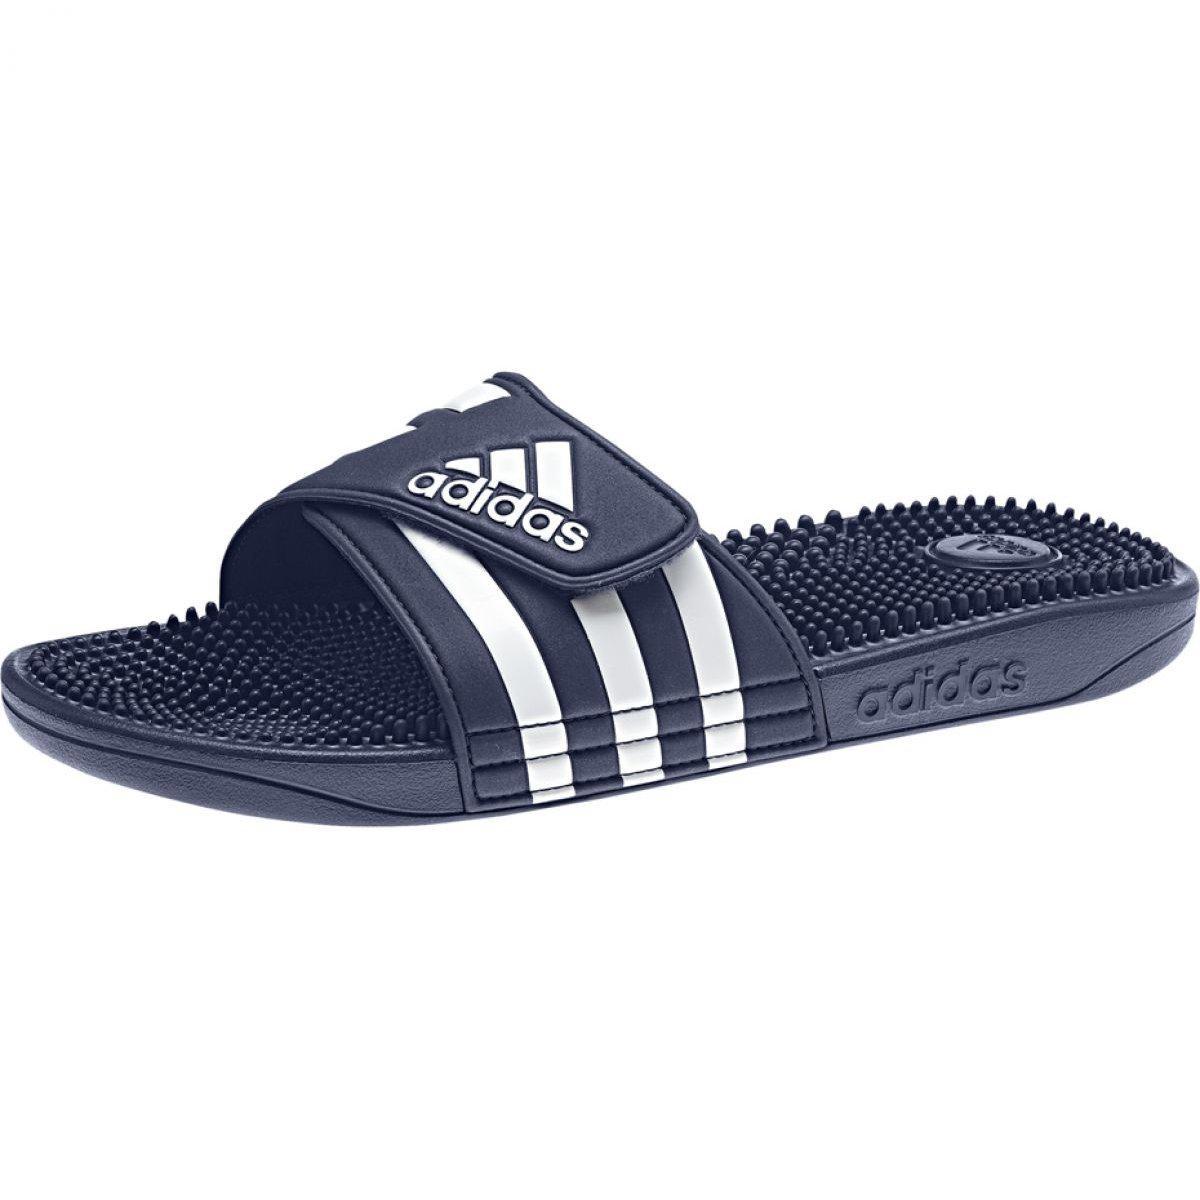 Шлепанцы мужские Adidas Adissage. Оригинал (ар.F35579)